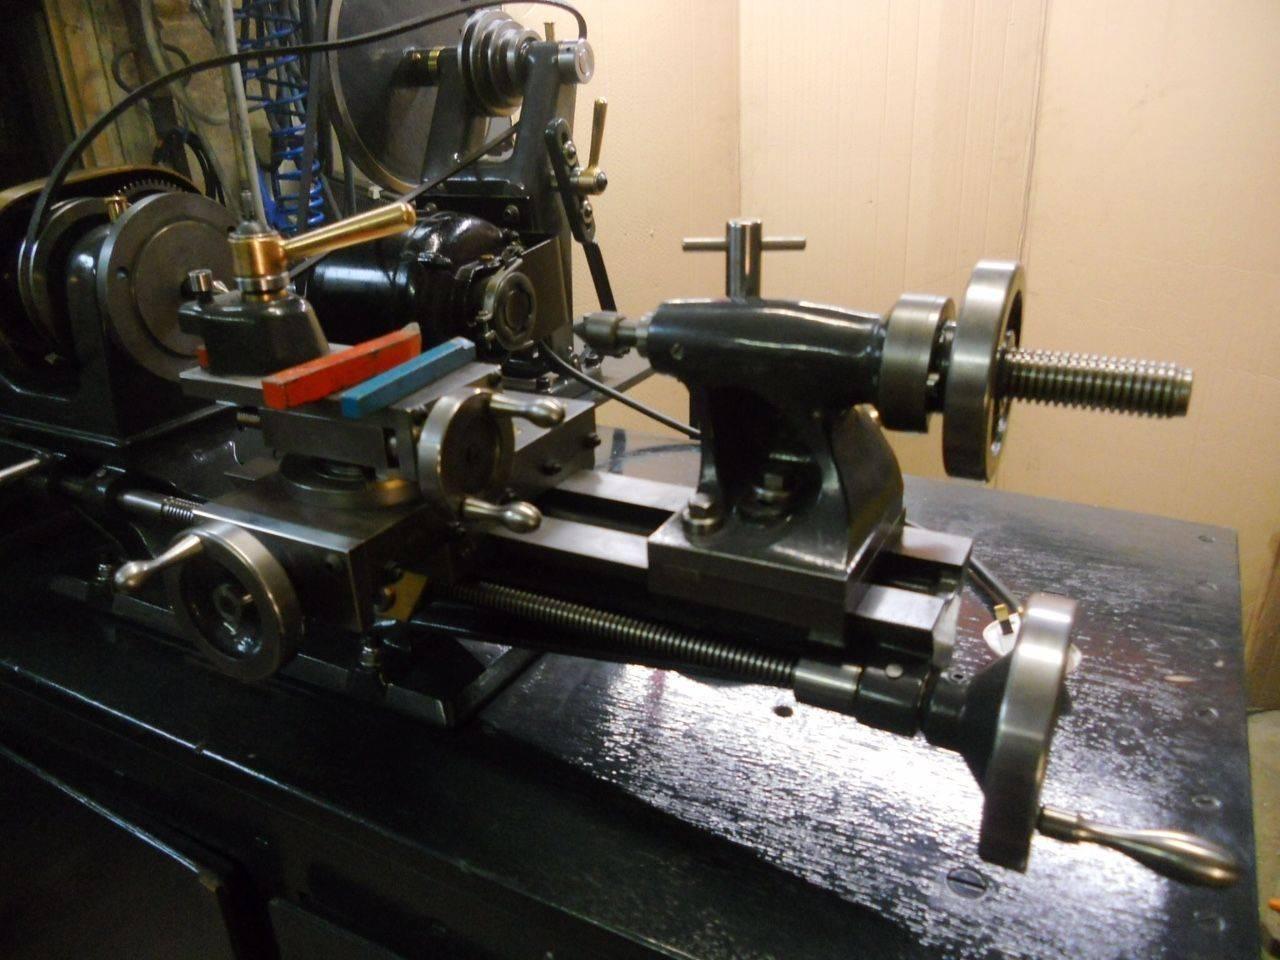 DSCN0503.JPG